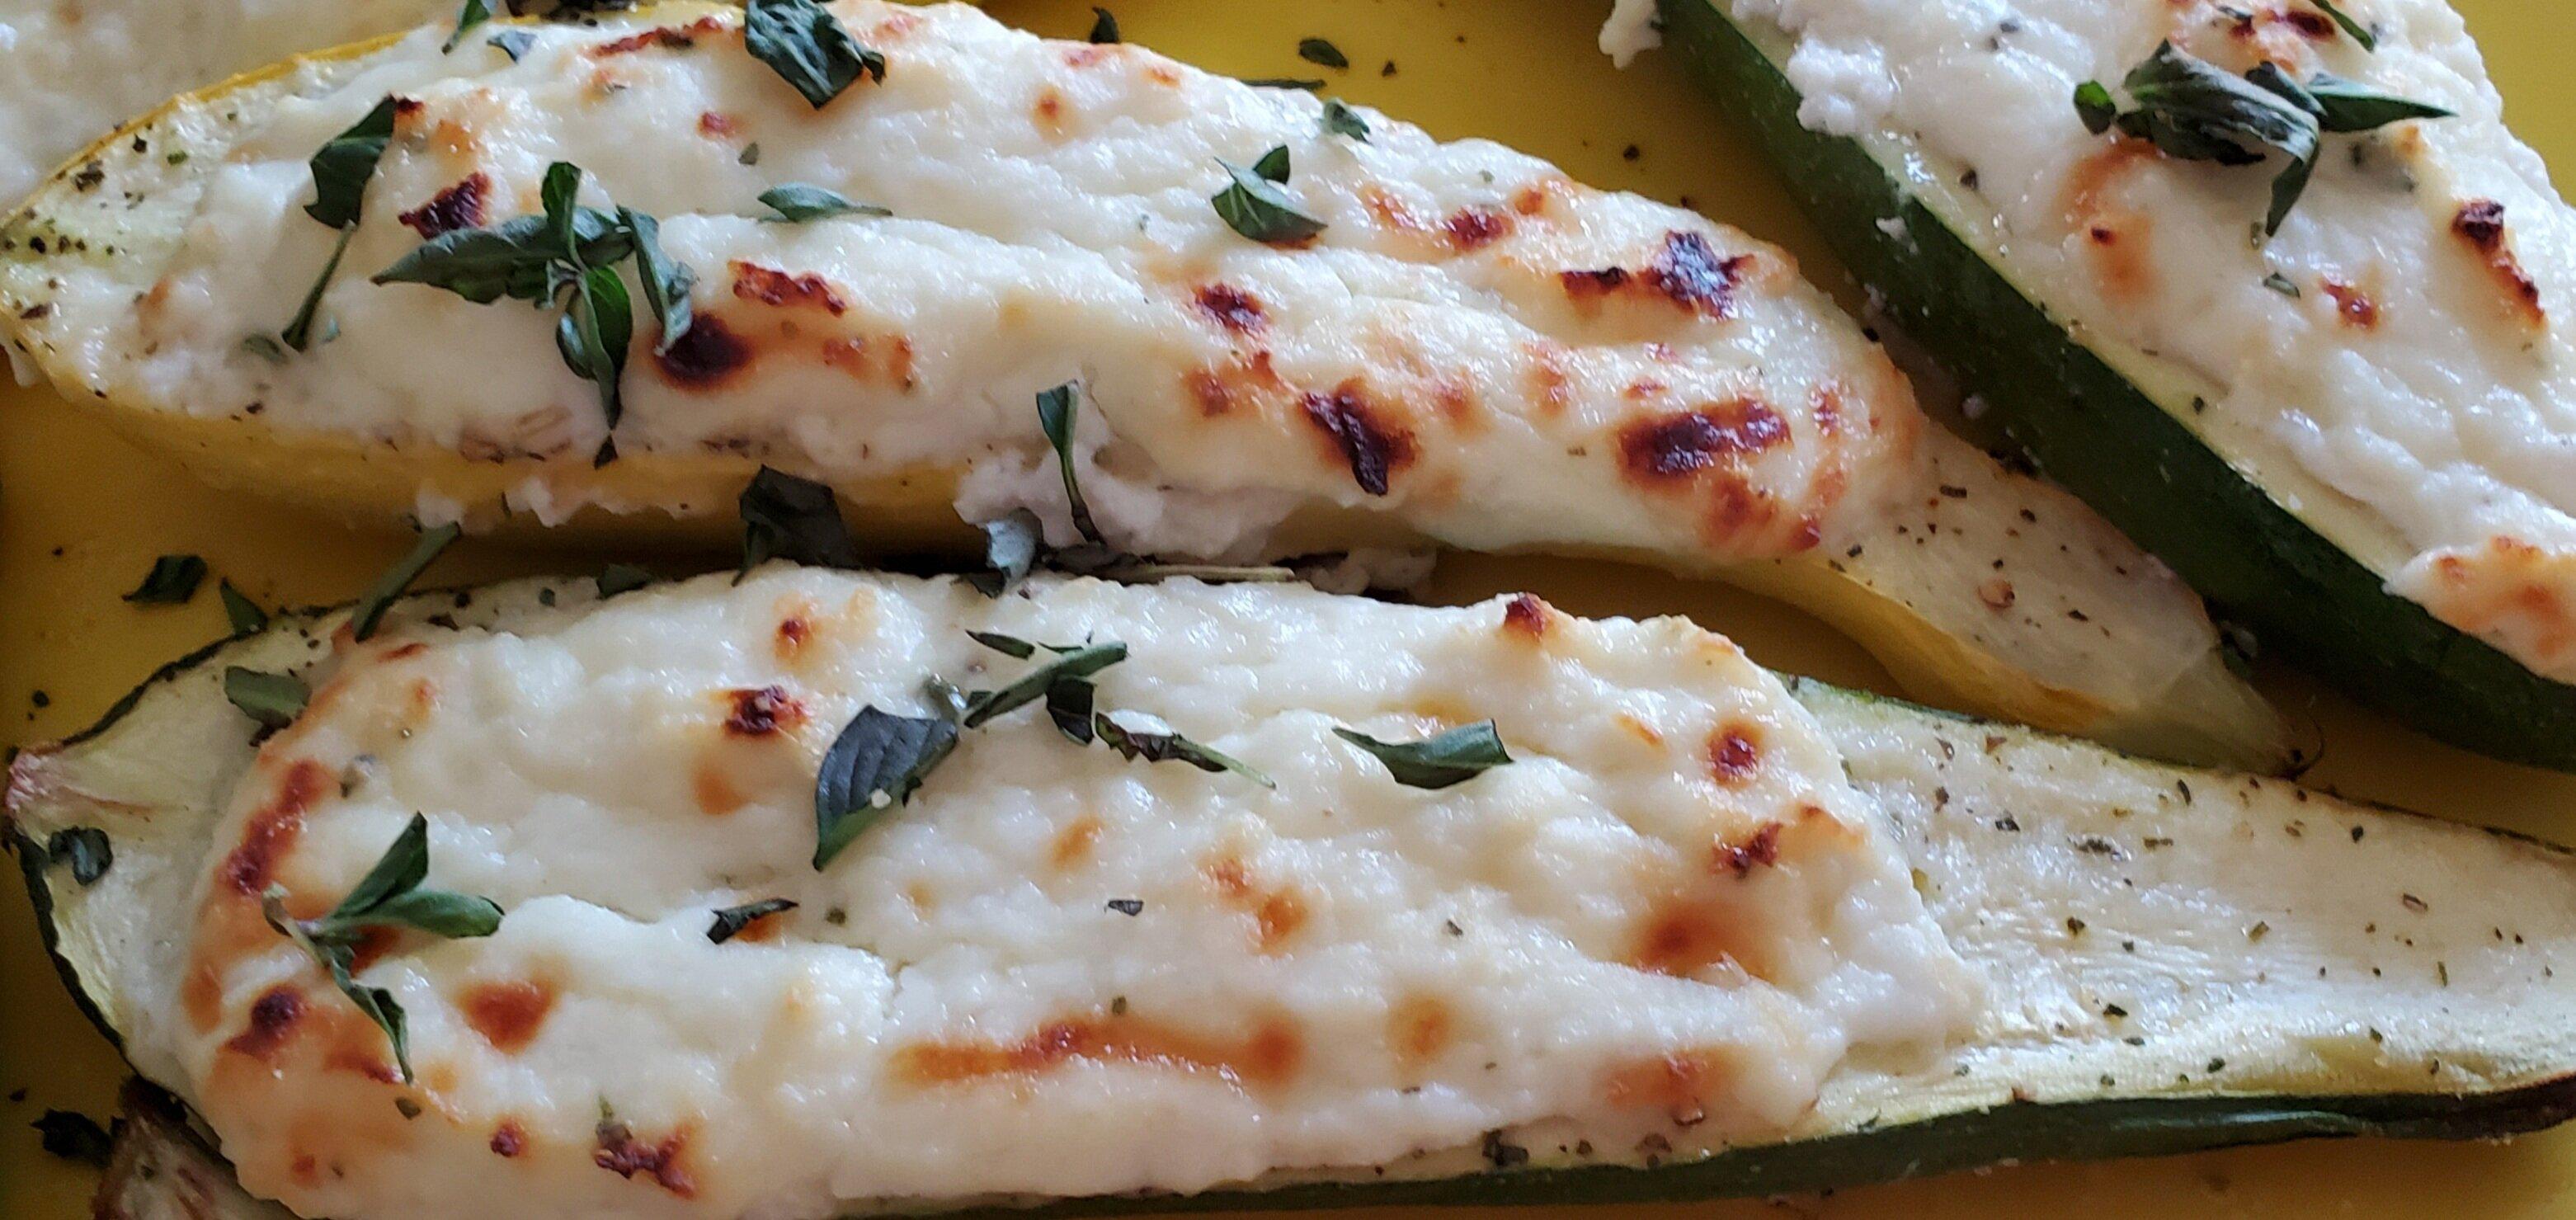 ricotta stuffed zucchini recipe